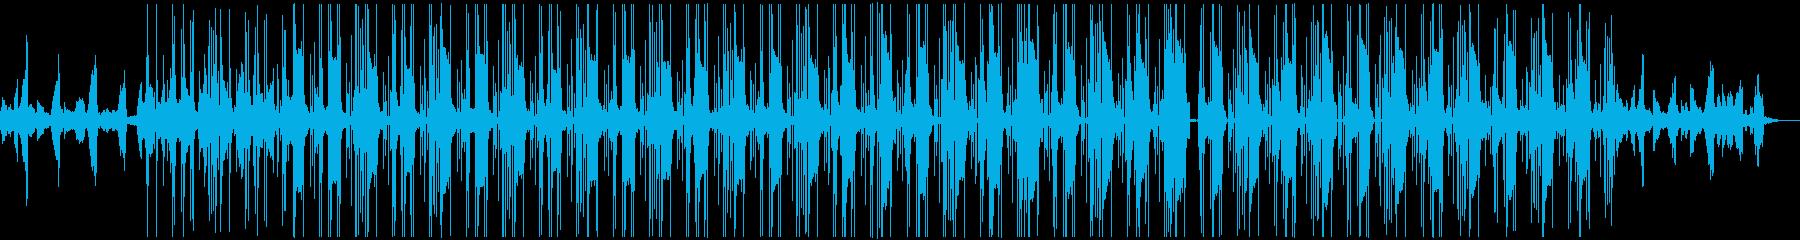 切ない HIPHOP R&B BGMの再生済みの波形